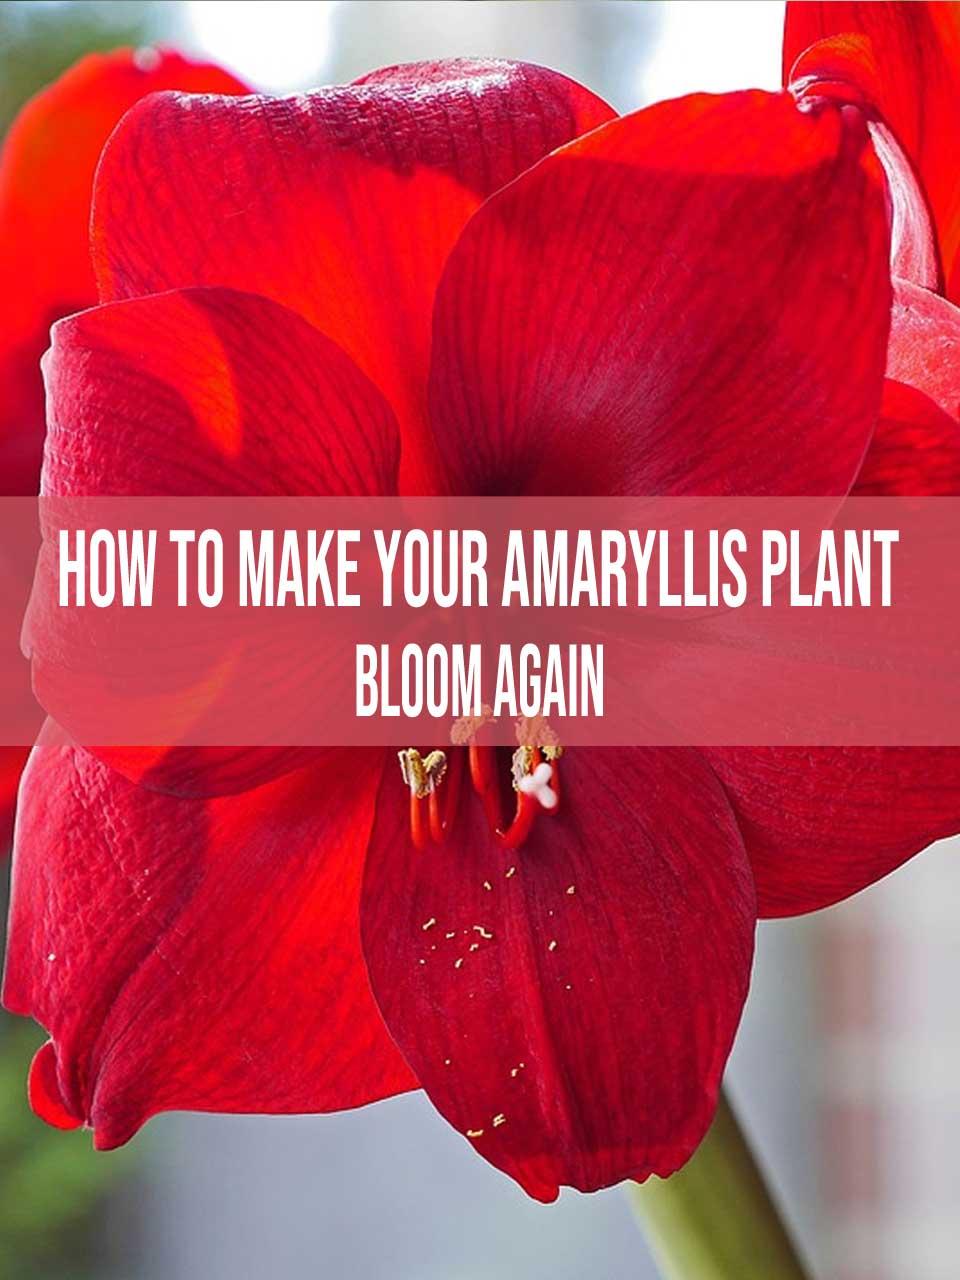 amaryllis plant